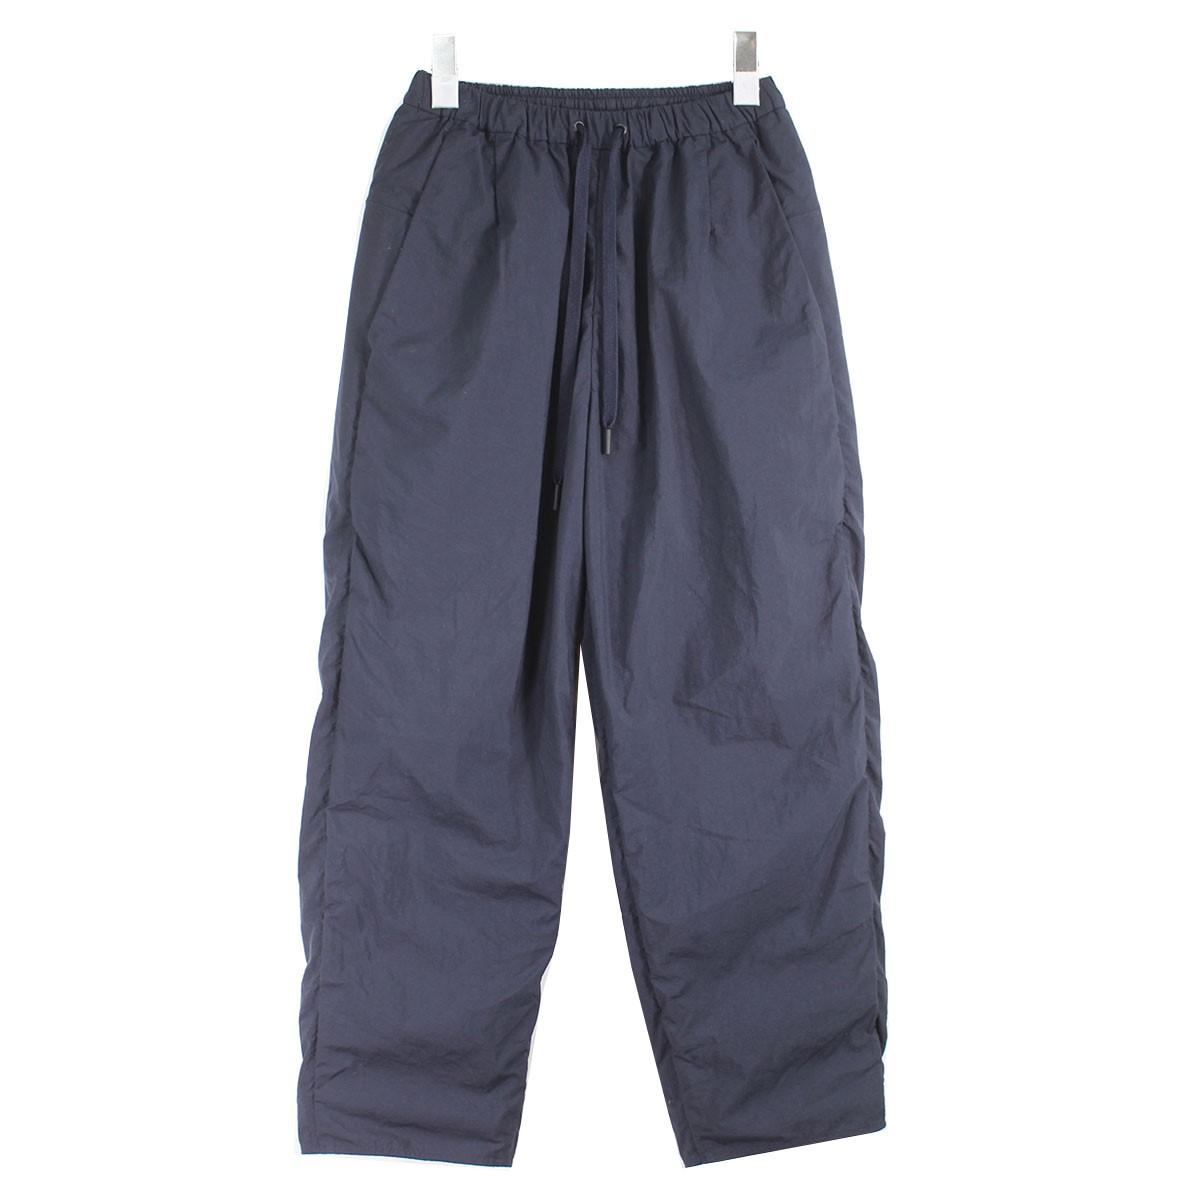 【中古】TEATORA Wallet Pants P ウォレットパンツ ネイビー サイズ:1 【200620】(テアトラ)